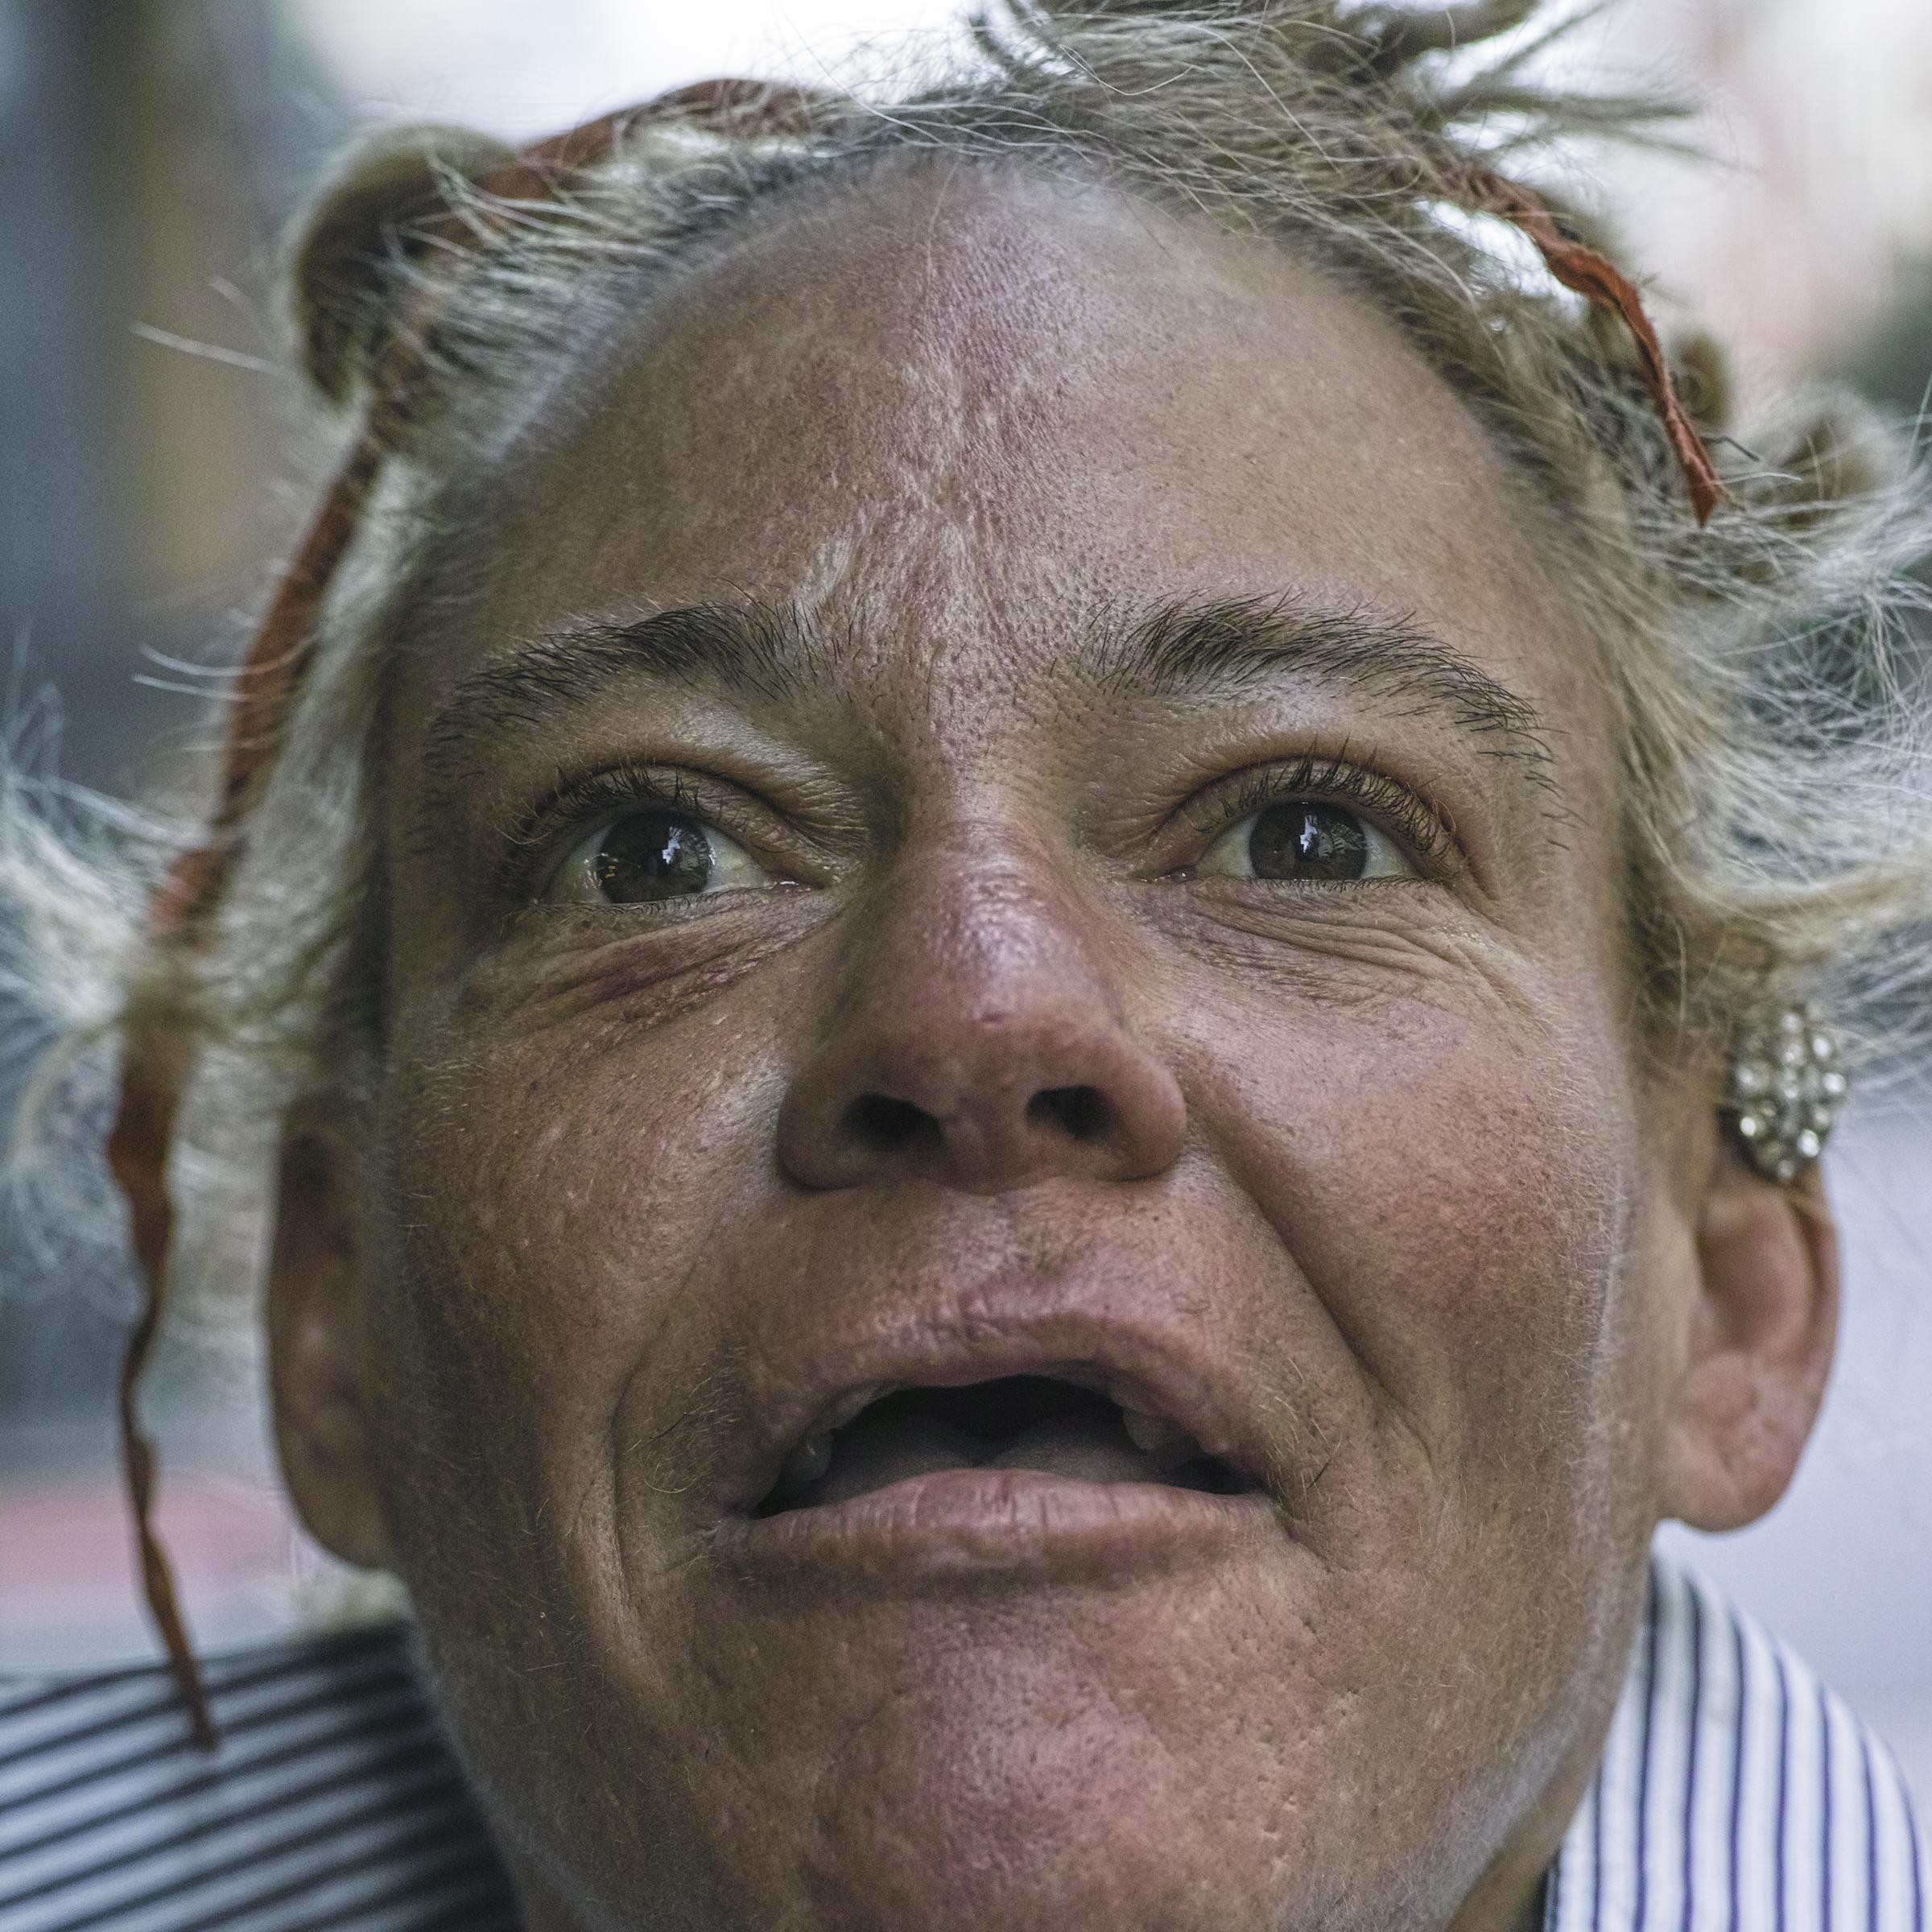 Joanne mouth open.jpg